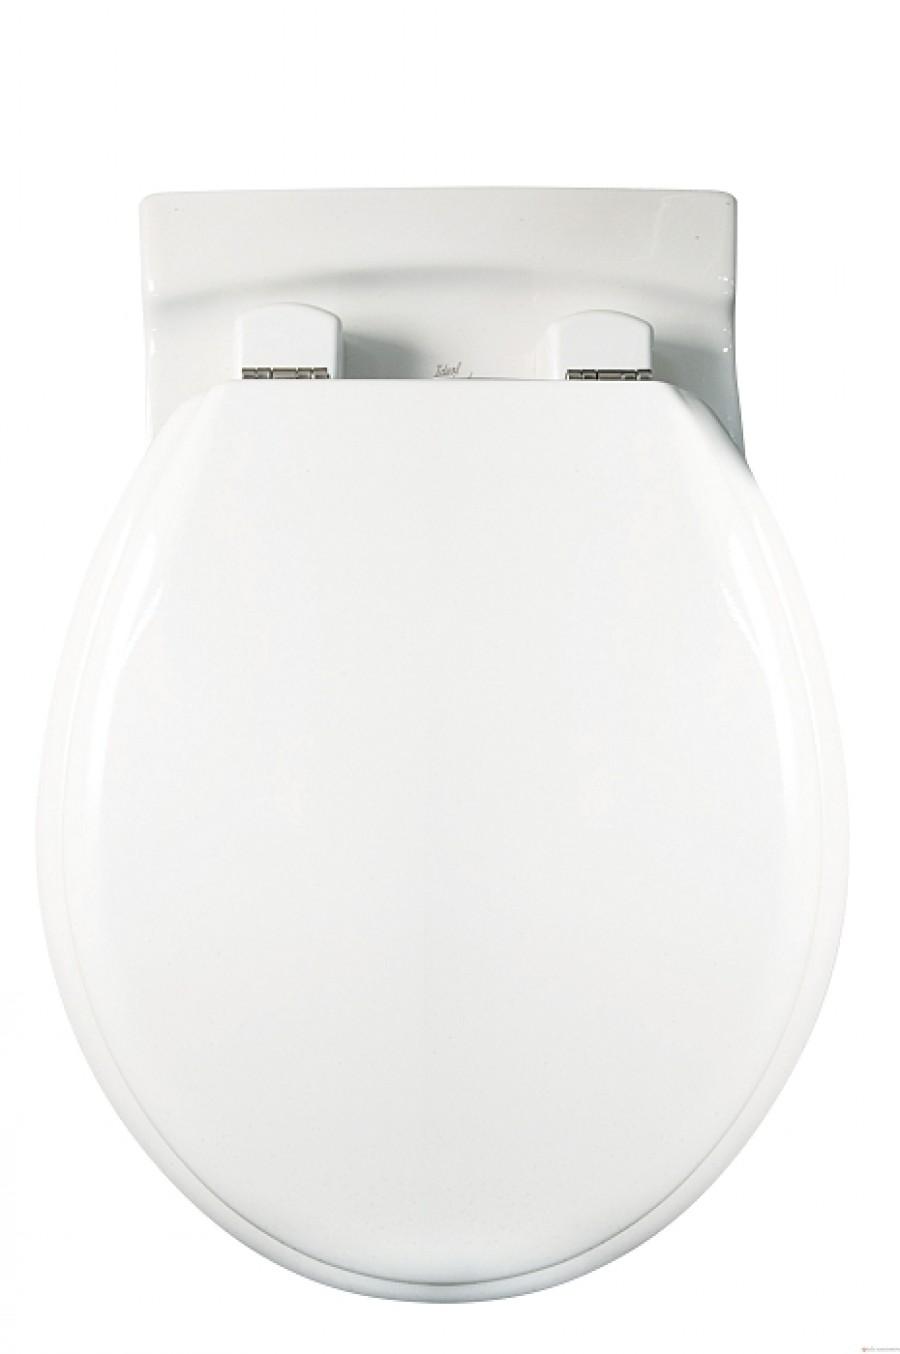 Abattant r hauss tradition 70mm pour personne mobilit - Cabine de douche pour personne a mobilite reduite ...